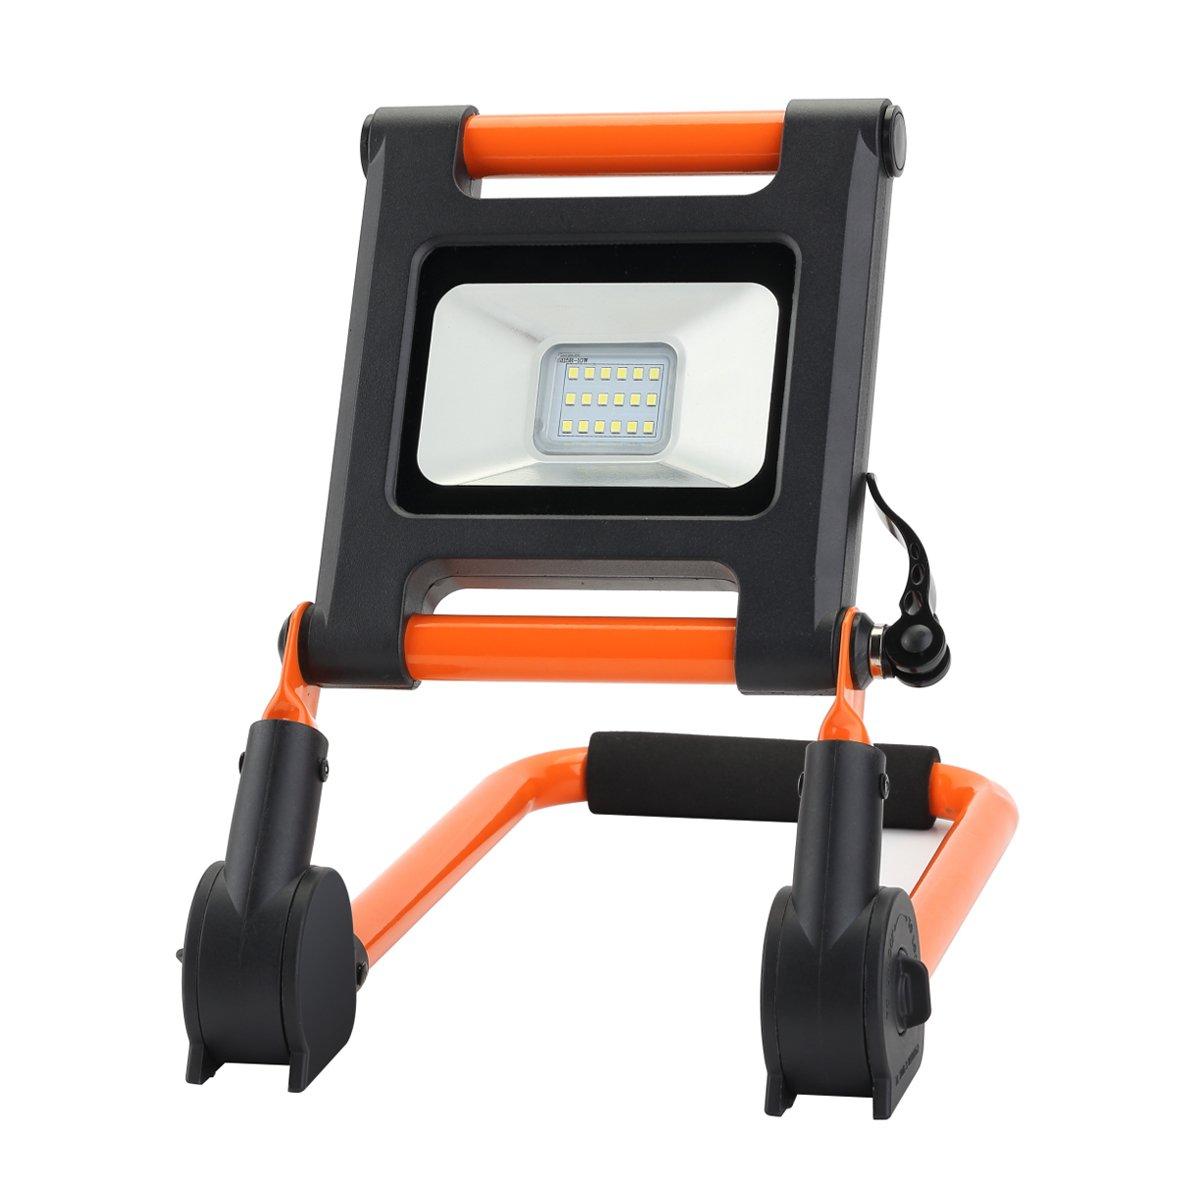 Link2Home EM-L59BO 700 Lumen LED Waterproof Portable Rechargeble Worklight with Adjustable Frame in Orange, Black/Orange